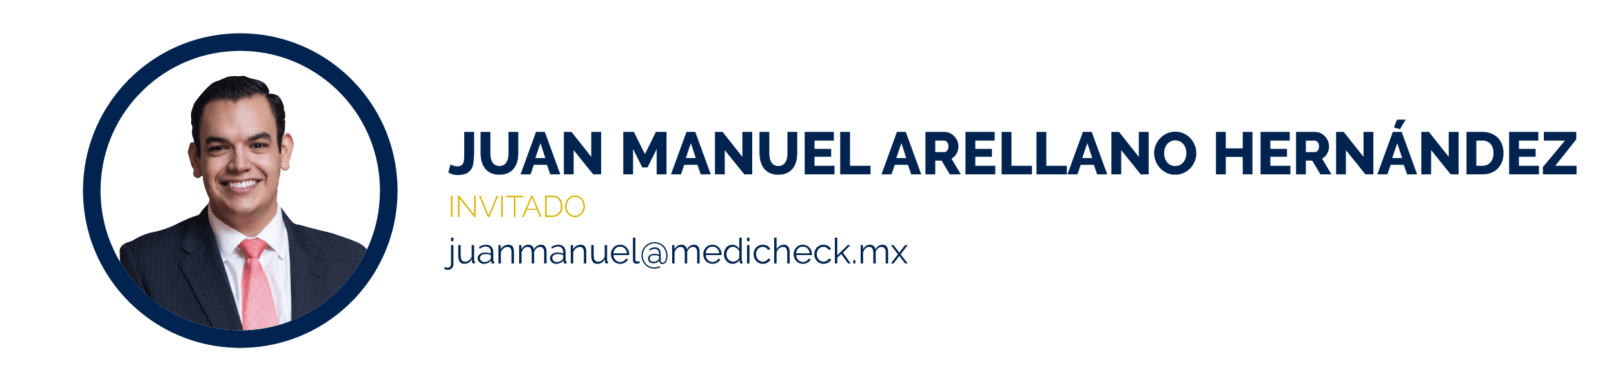 X_PERFIL_JUAN-MANUEL-ARELLANO.png